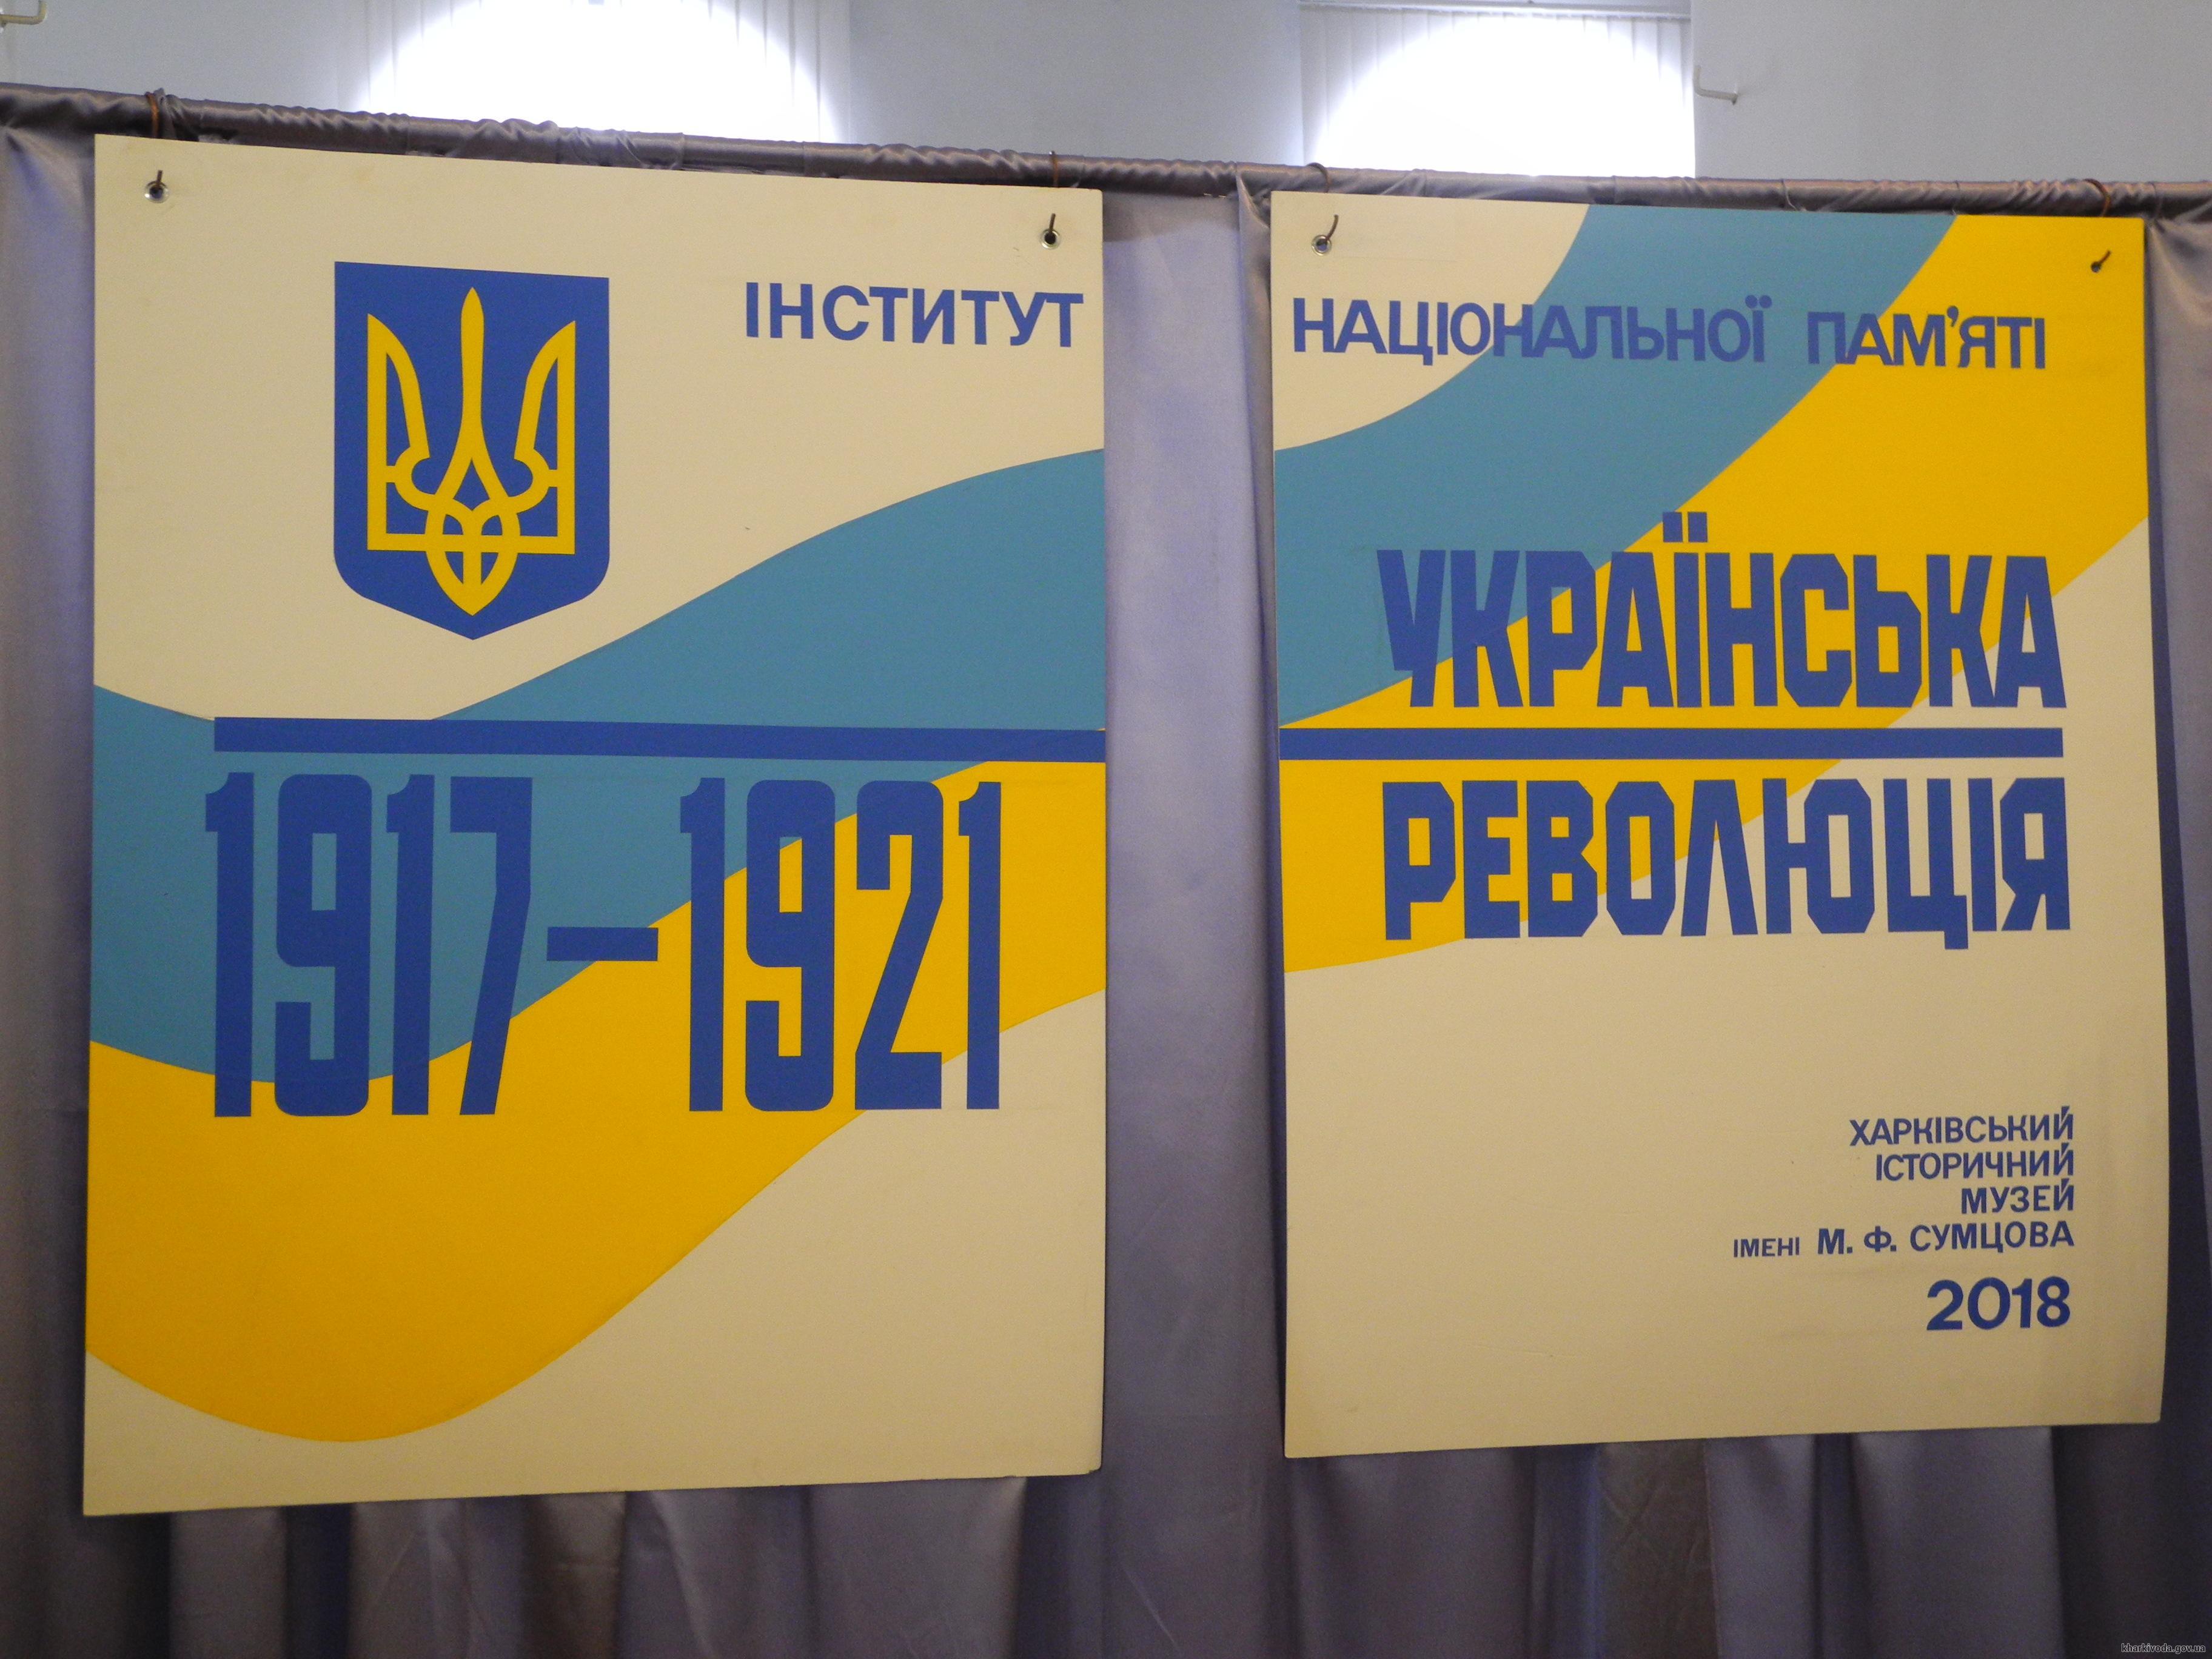 Харьковчанам представили выставку, посвященную столетию Украинской революции (ФОТО)